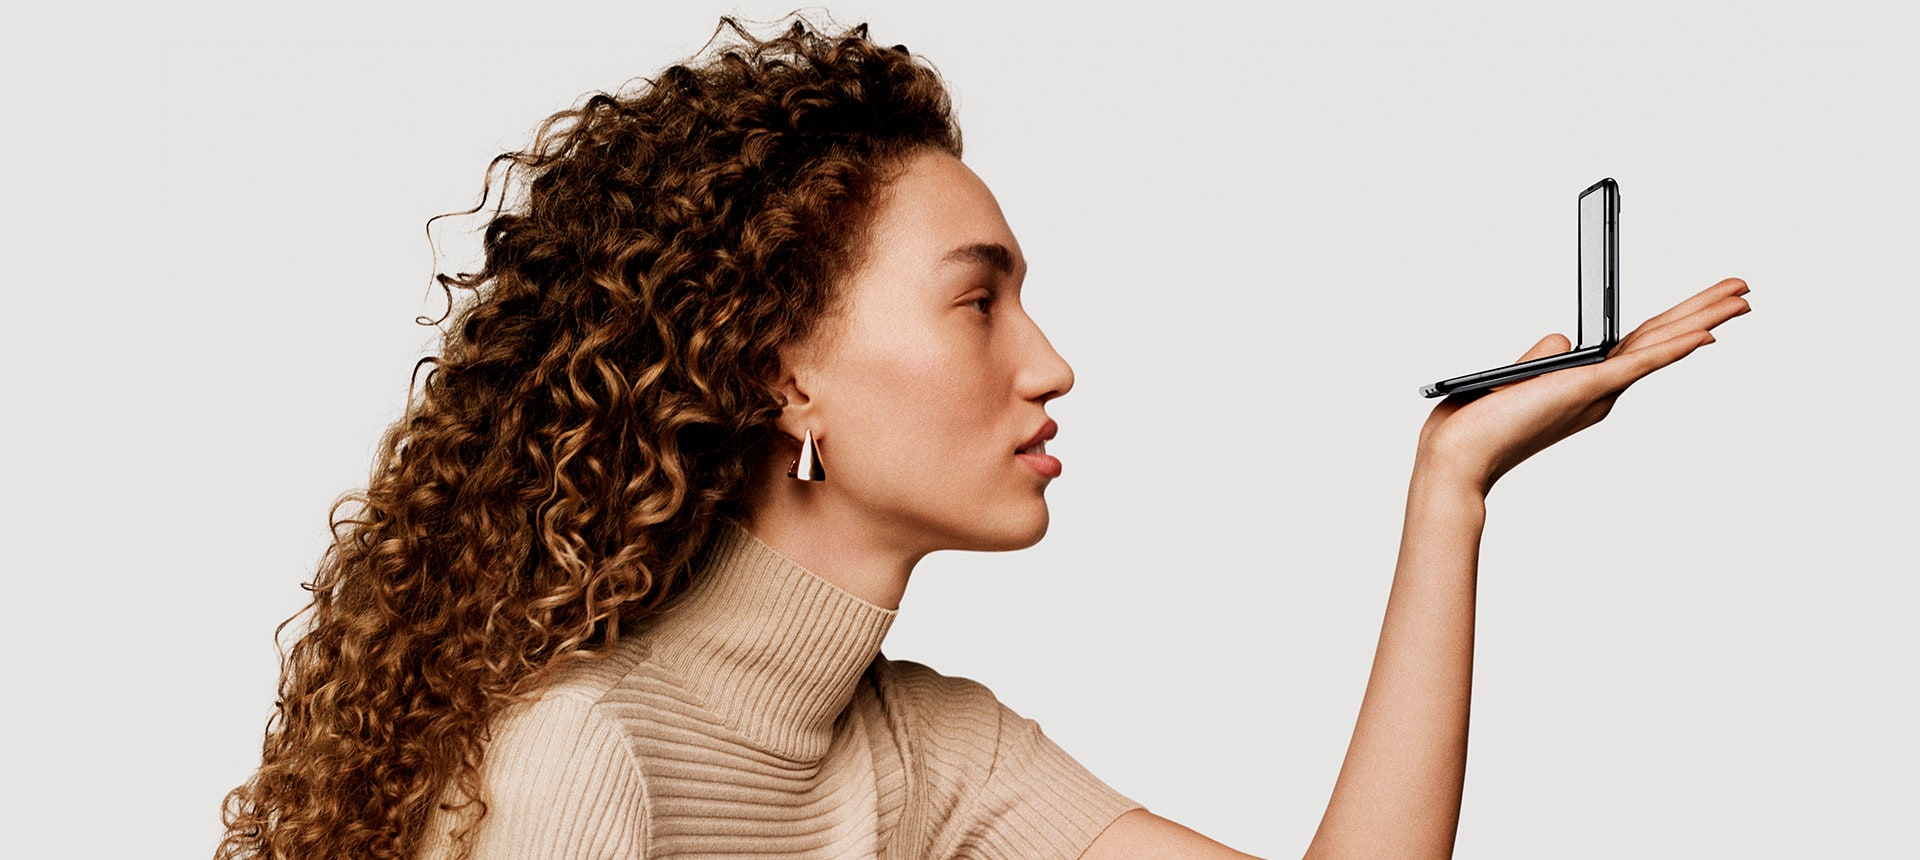 Жінка, що тримає в руці телефон Galaxy Z Flip, складений у вигляді раковини